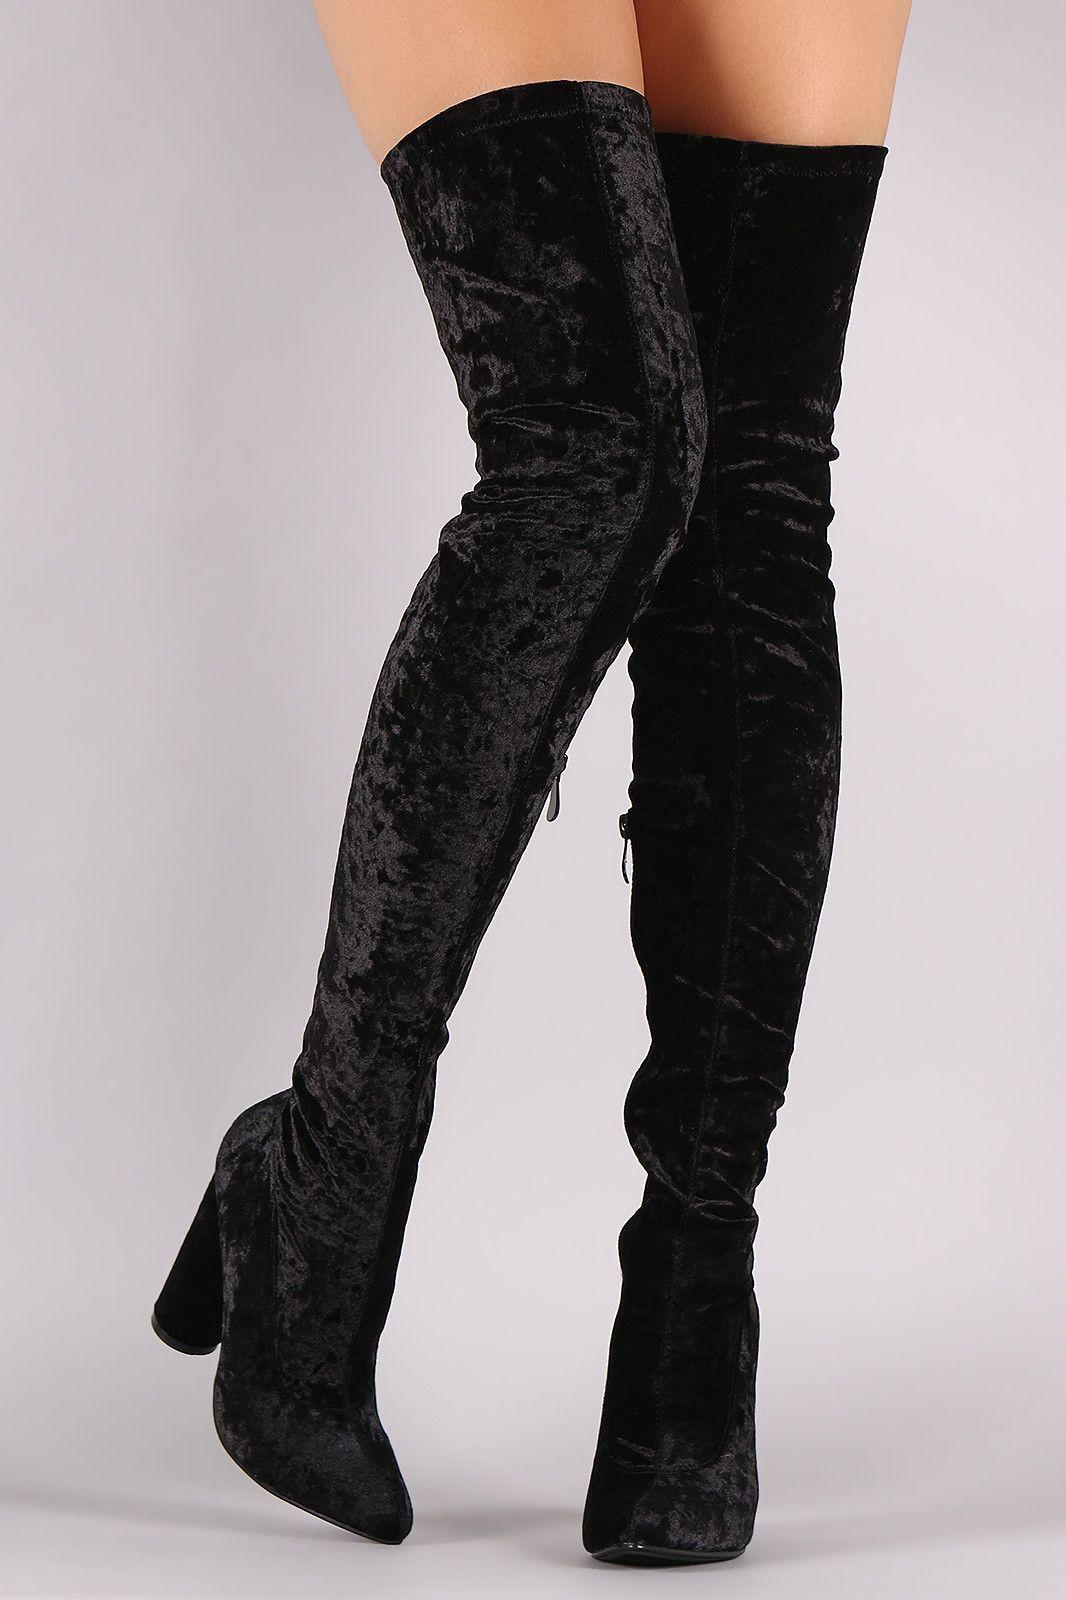 6218b232488 Crushed Velvet Pointy Toe Chunky Heel OTK Boots | Shopify Merchant ...